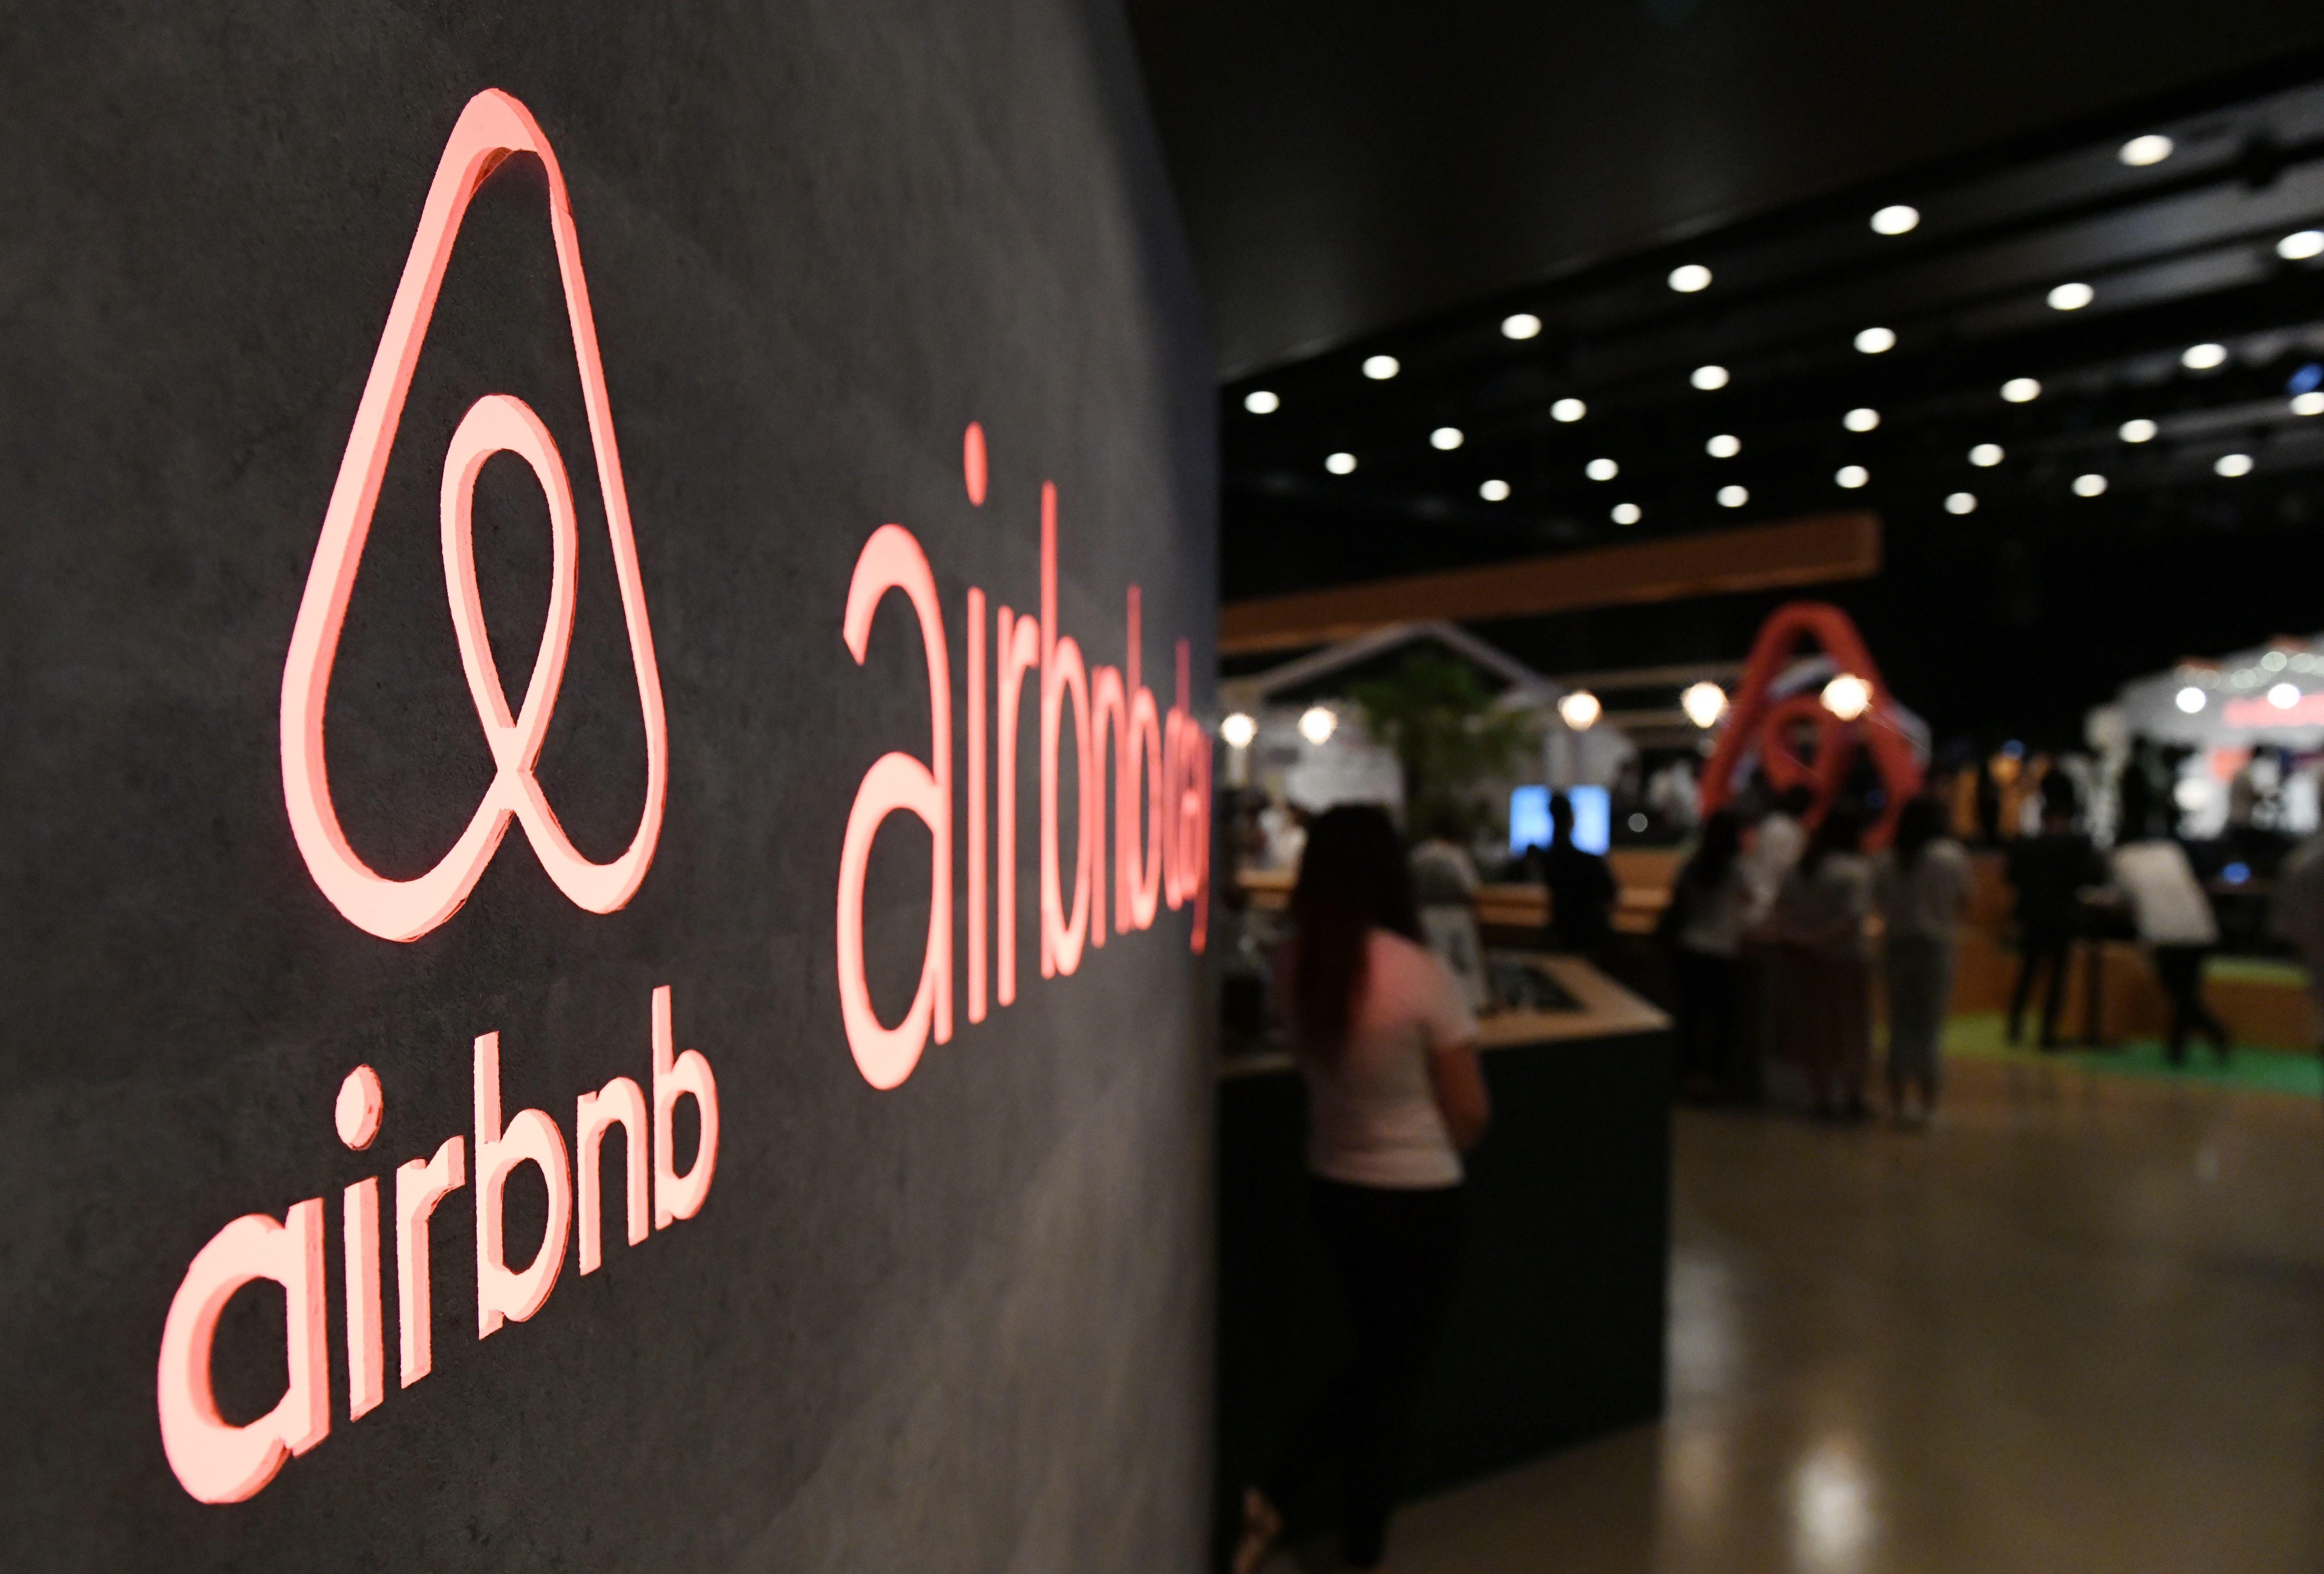 Είναι κακό στην άμμο της Airbnb να χτίζεις